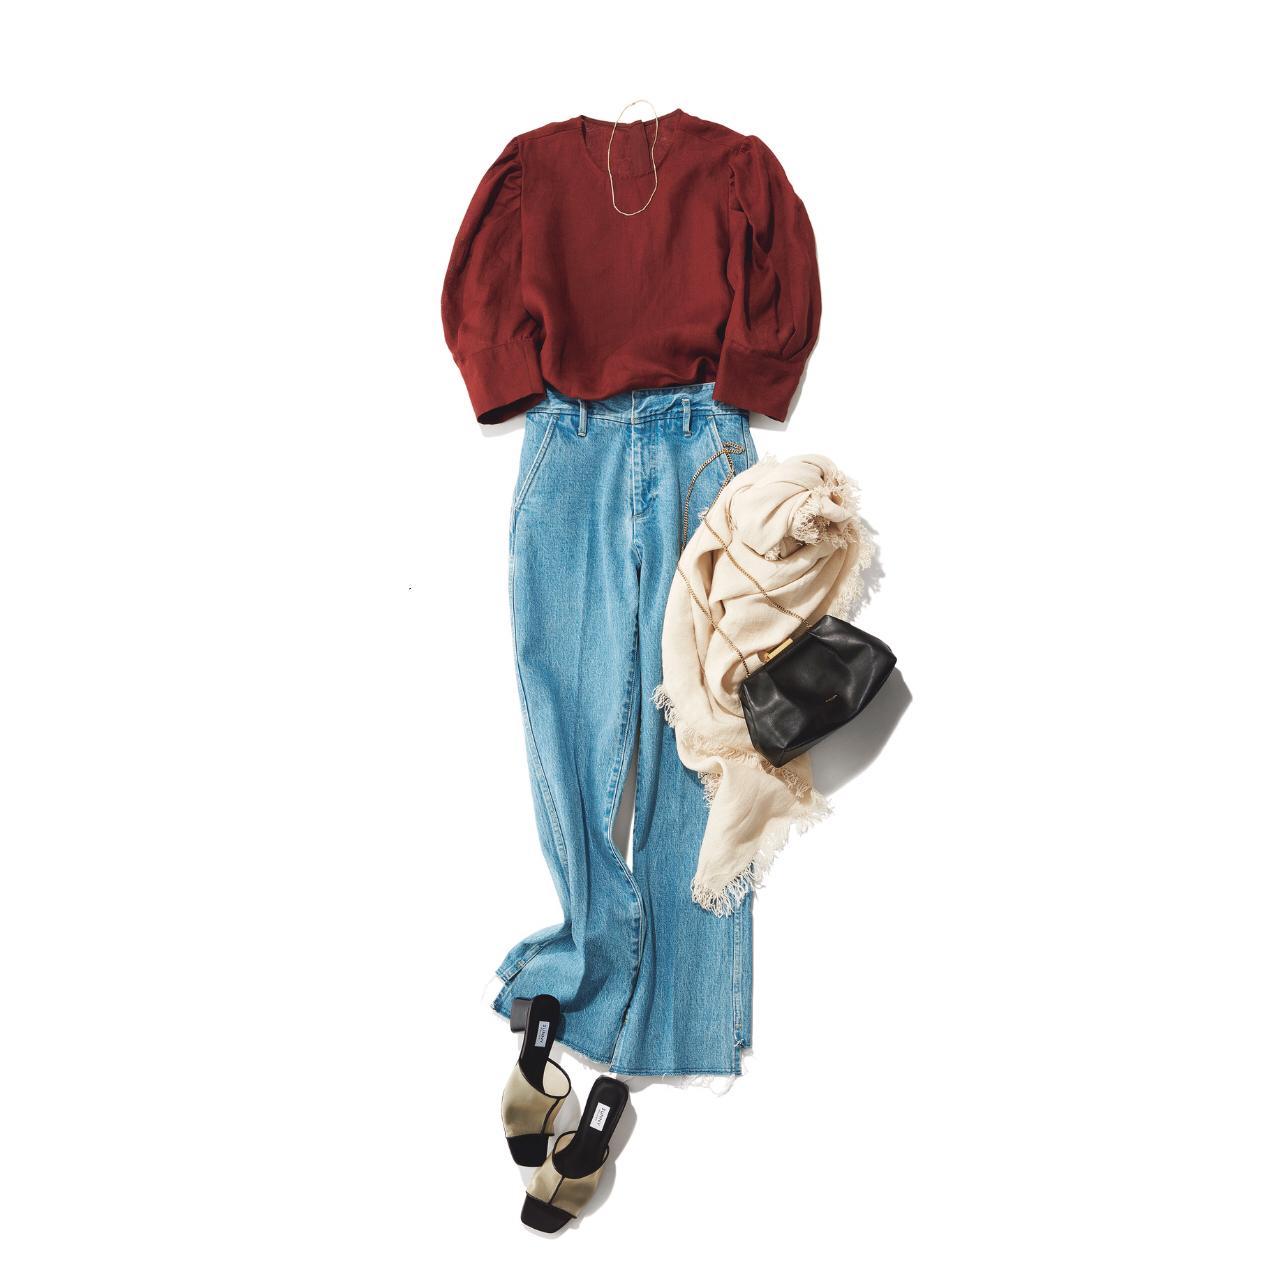 「ストール」でアラフォーの夏コーデをブラッシュアップ! 冷房対策にもおしゃれにも効くストールの取り入れ方  40代ファッション_1_9